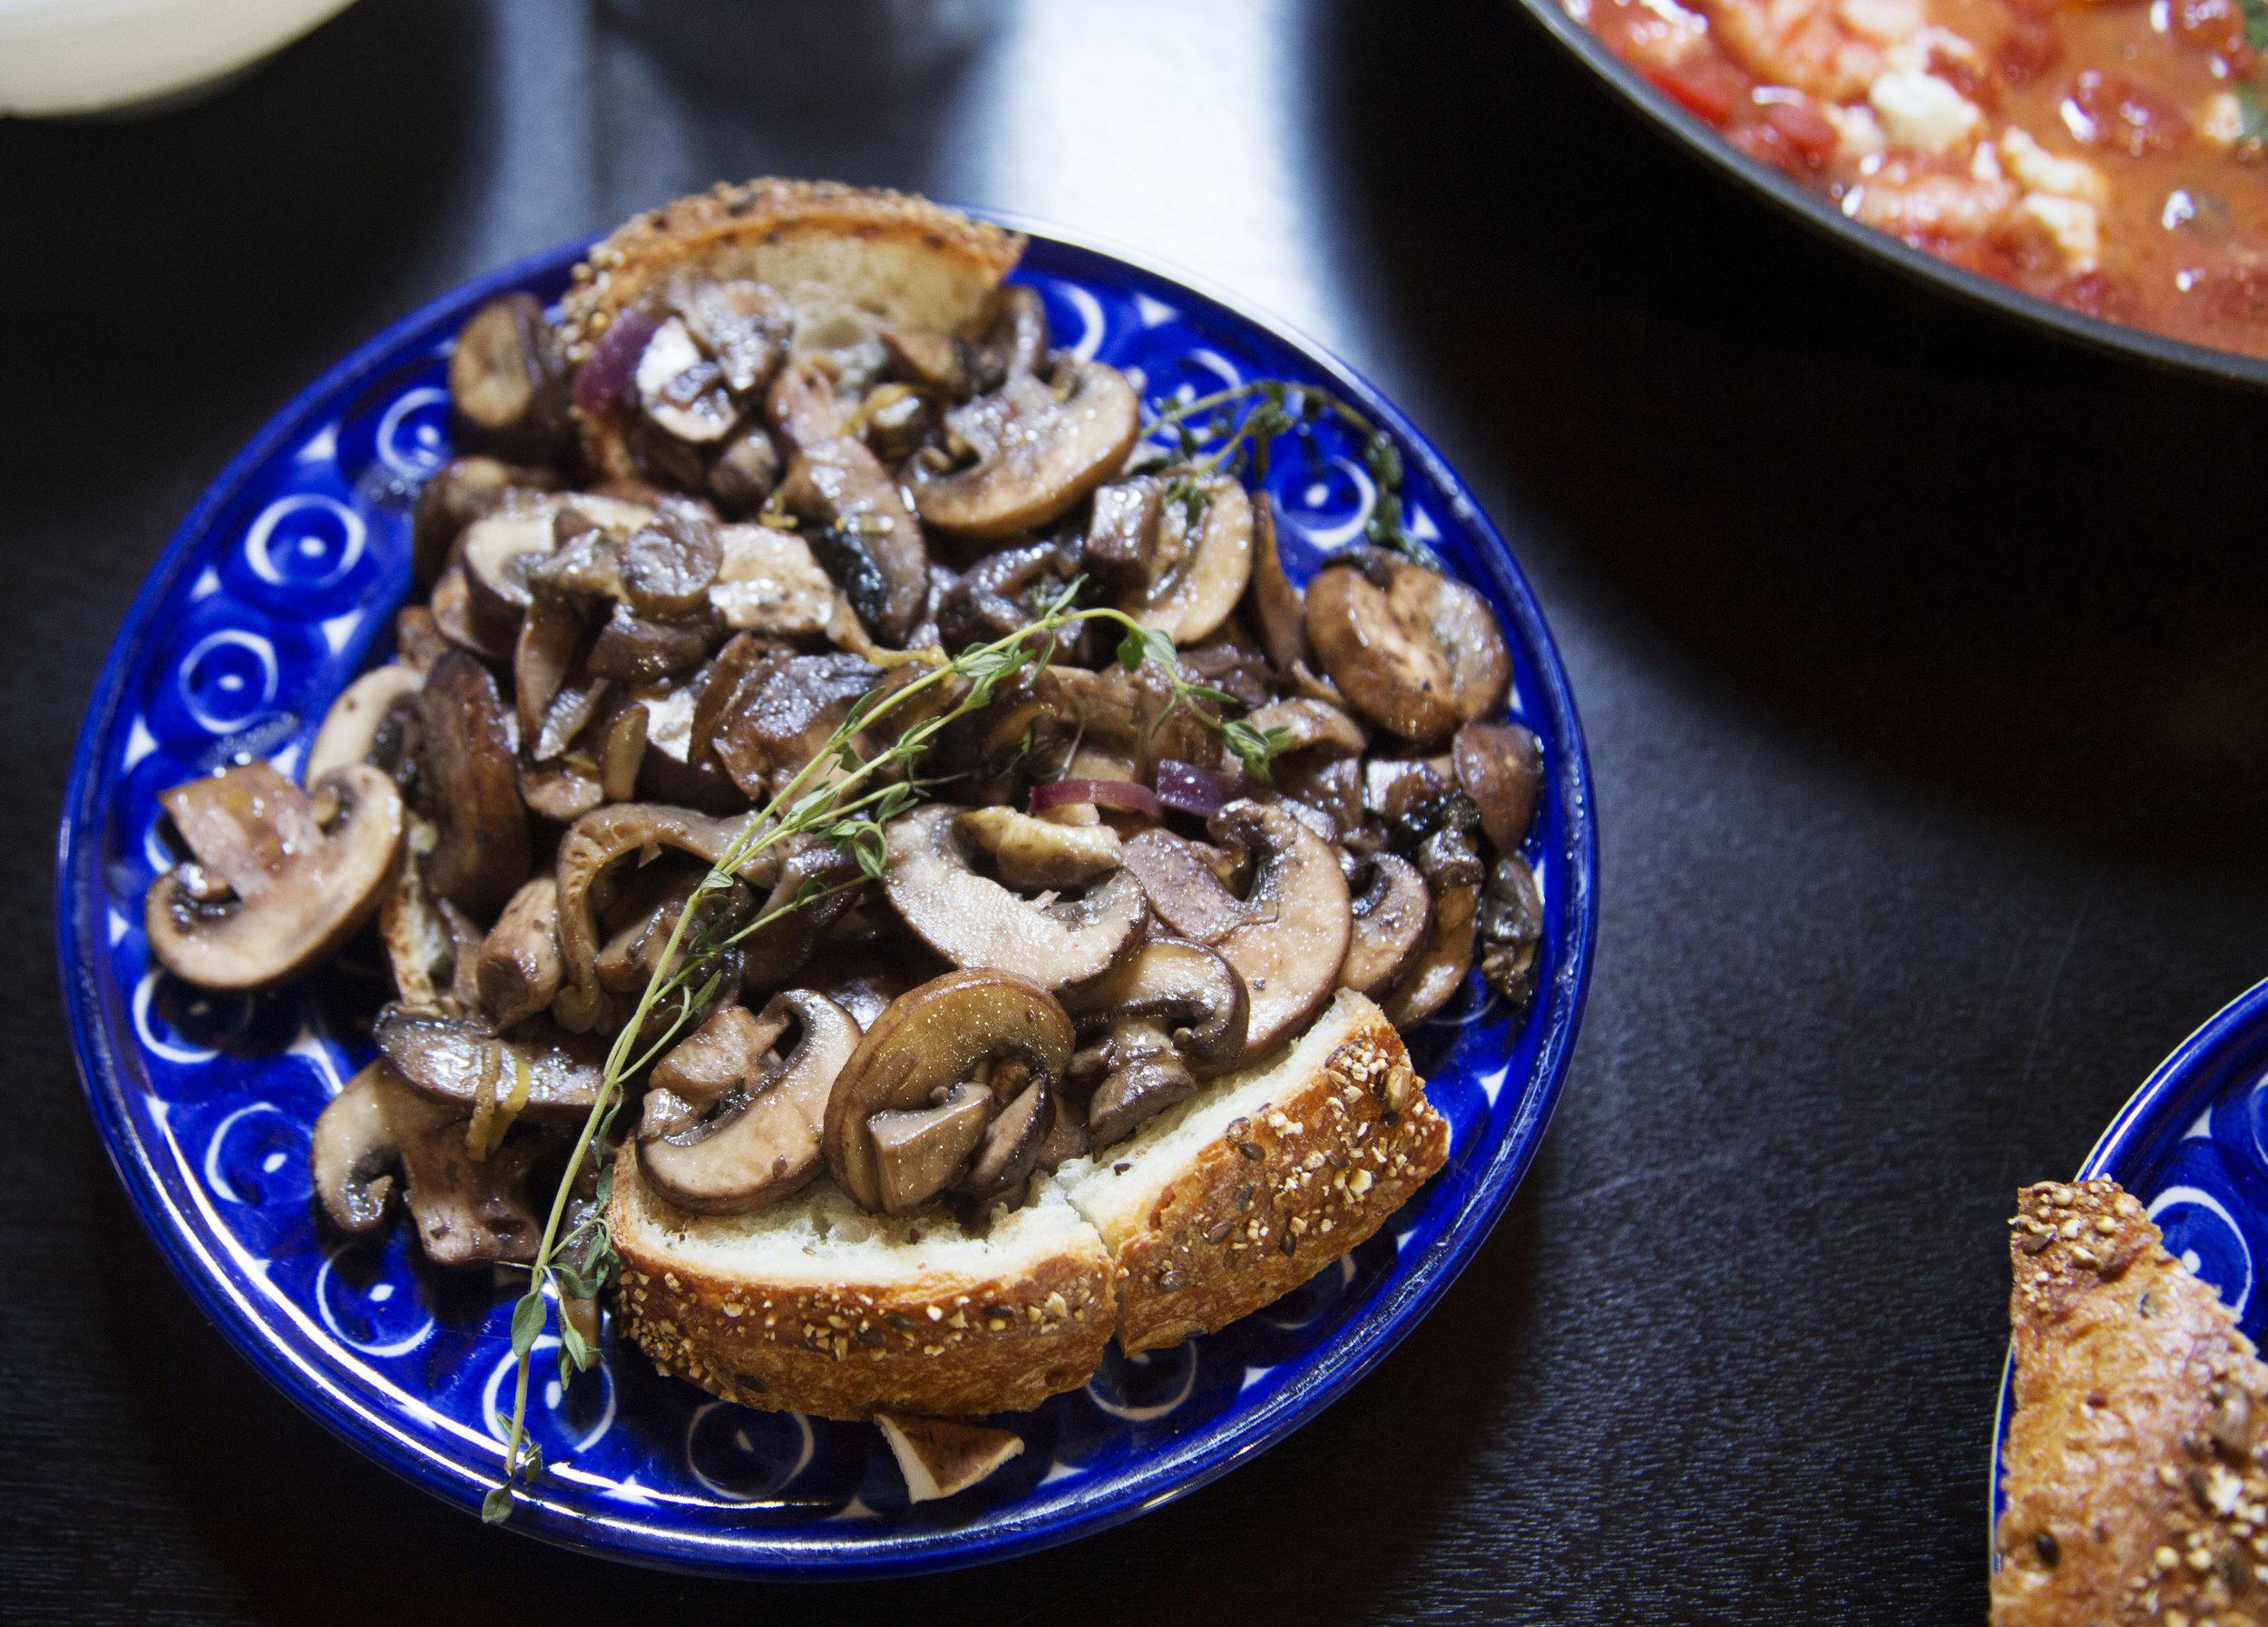 wildflowers and fresh food mushrooms copy.jpg